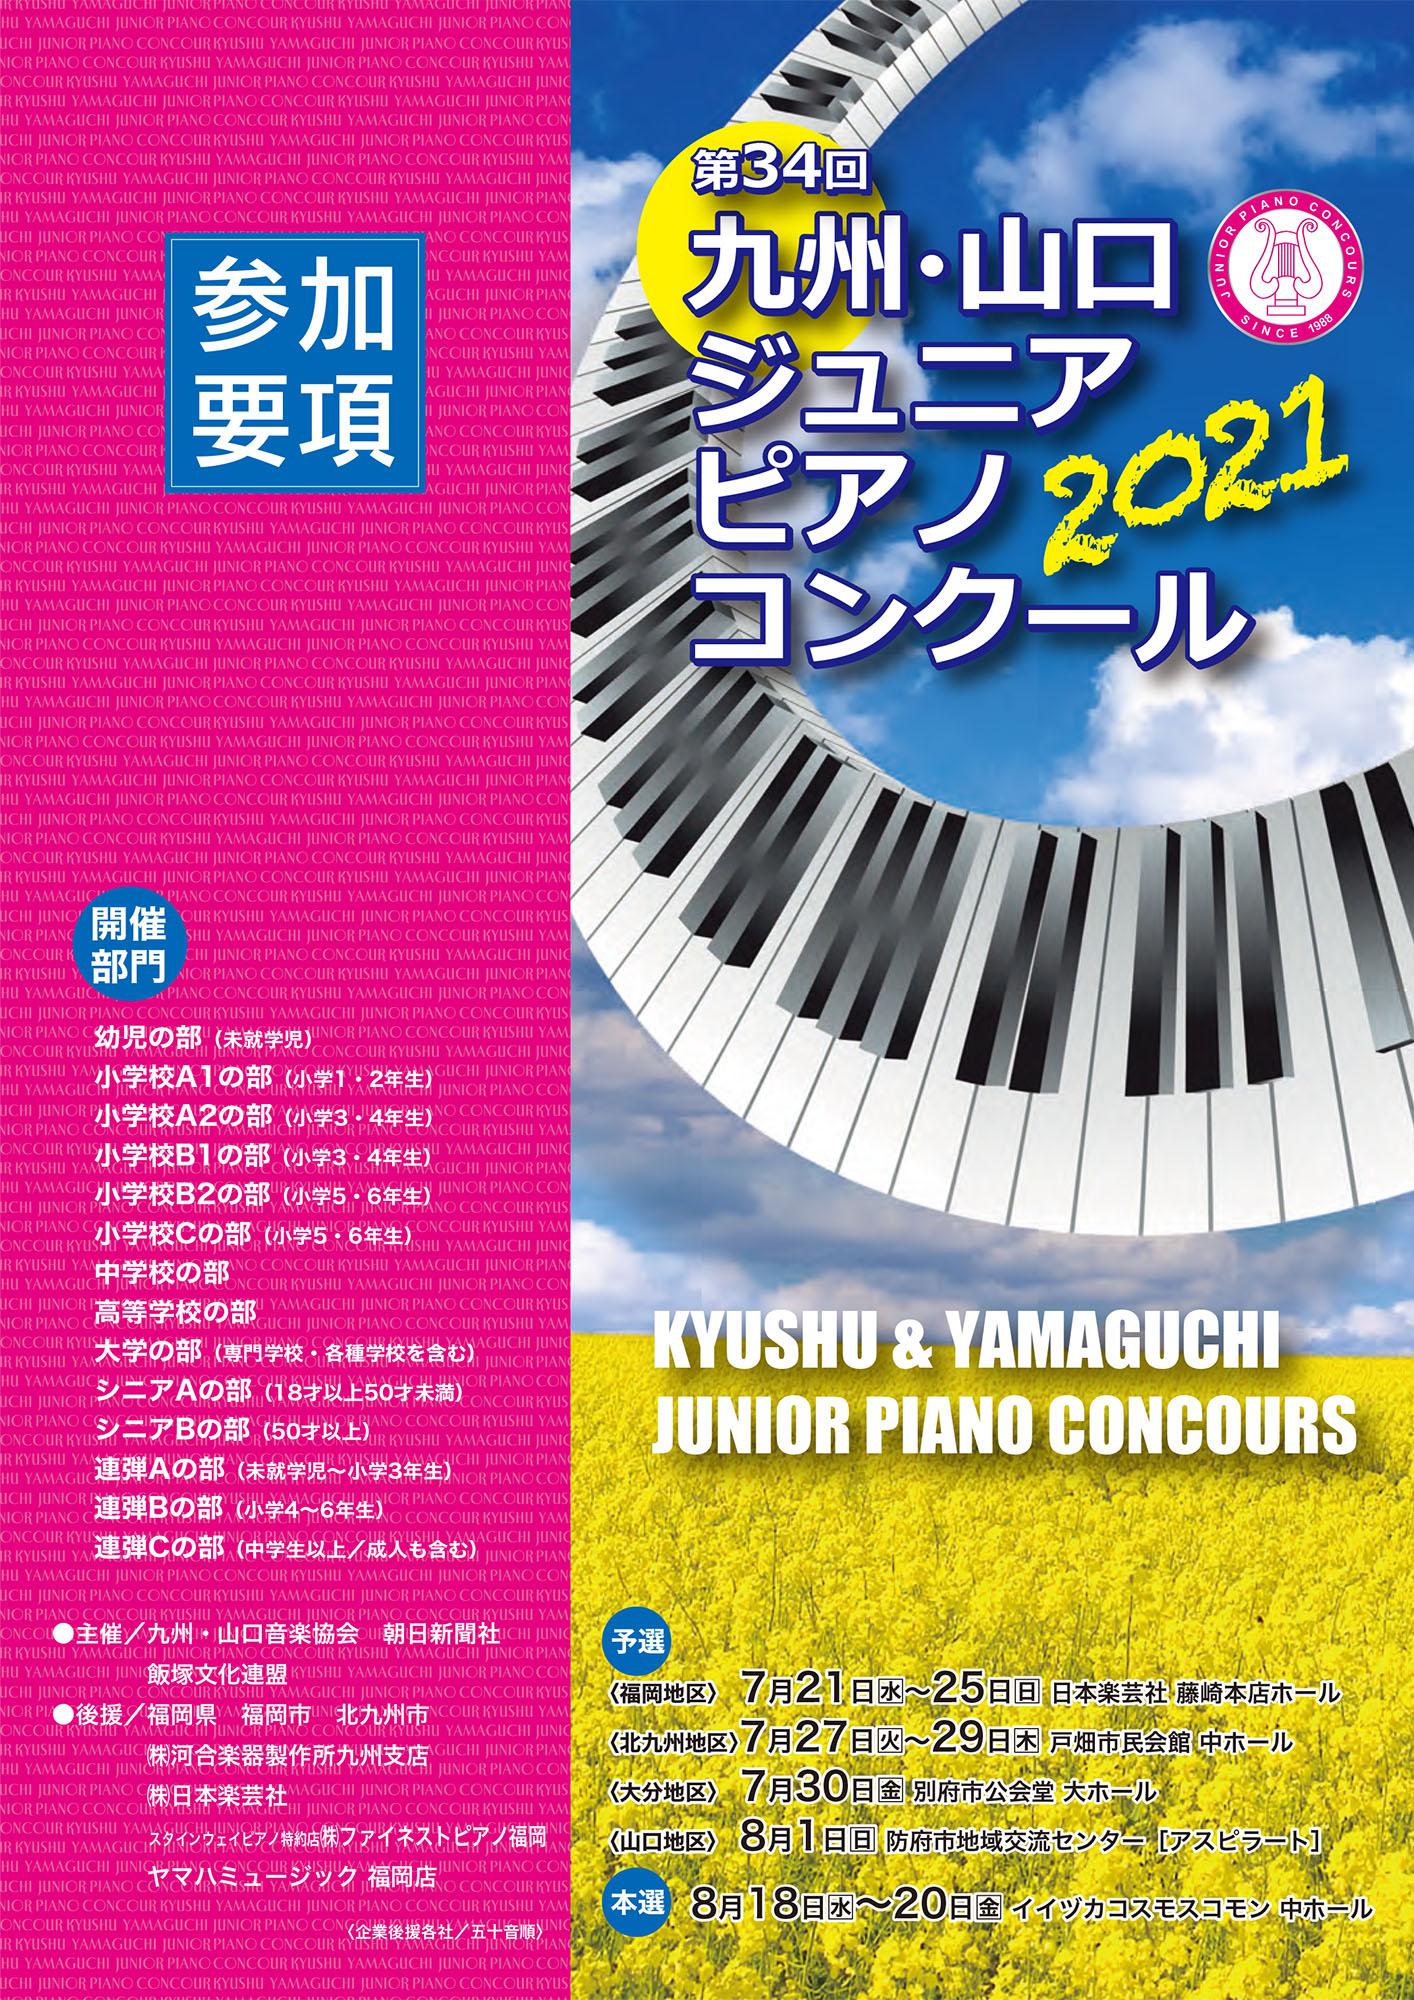 第34回 九州・山口ジュニアピアノコンクール